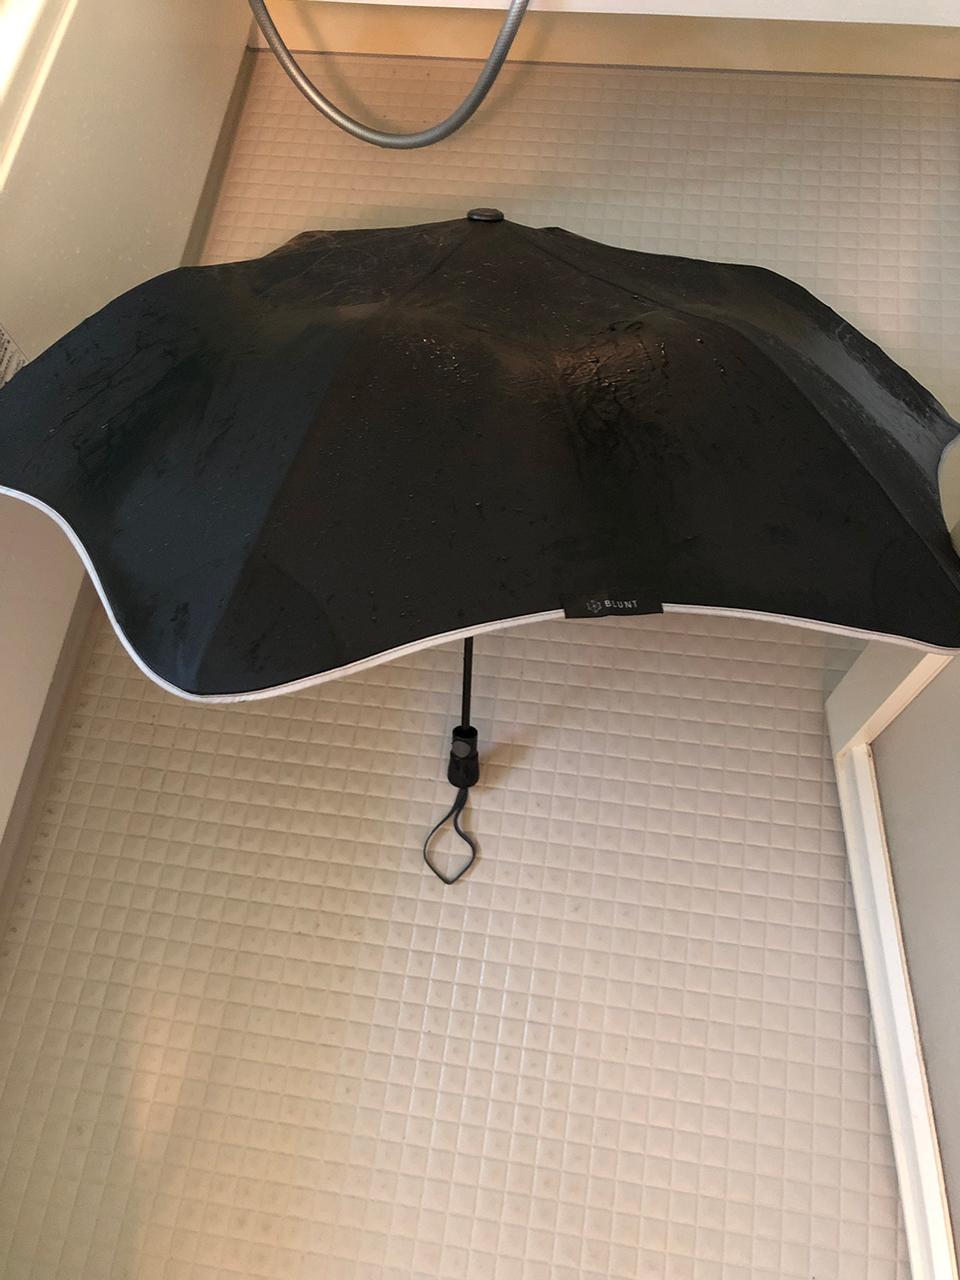 撥水加工をした〈ブラント〉の傘